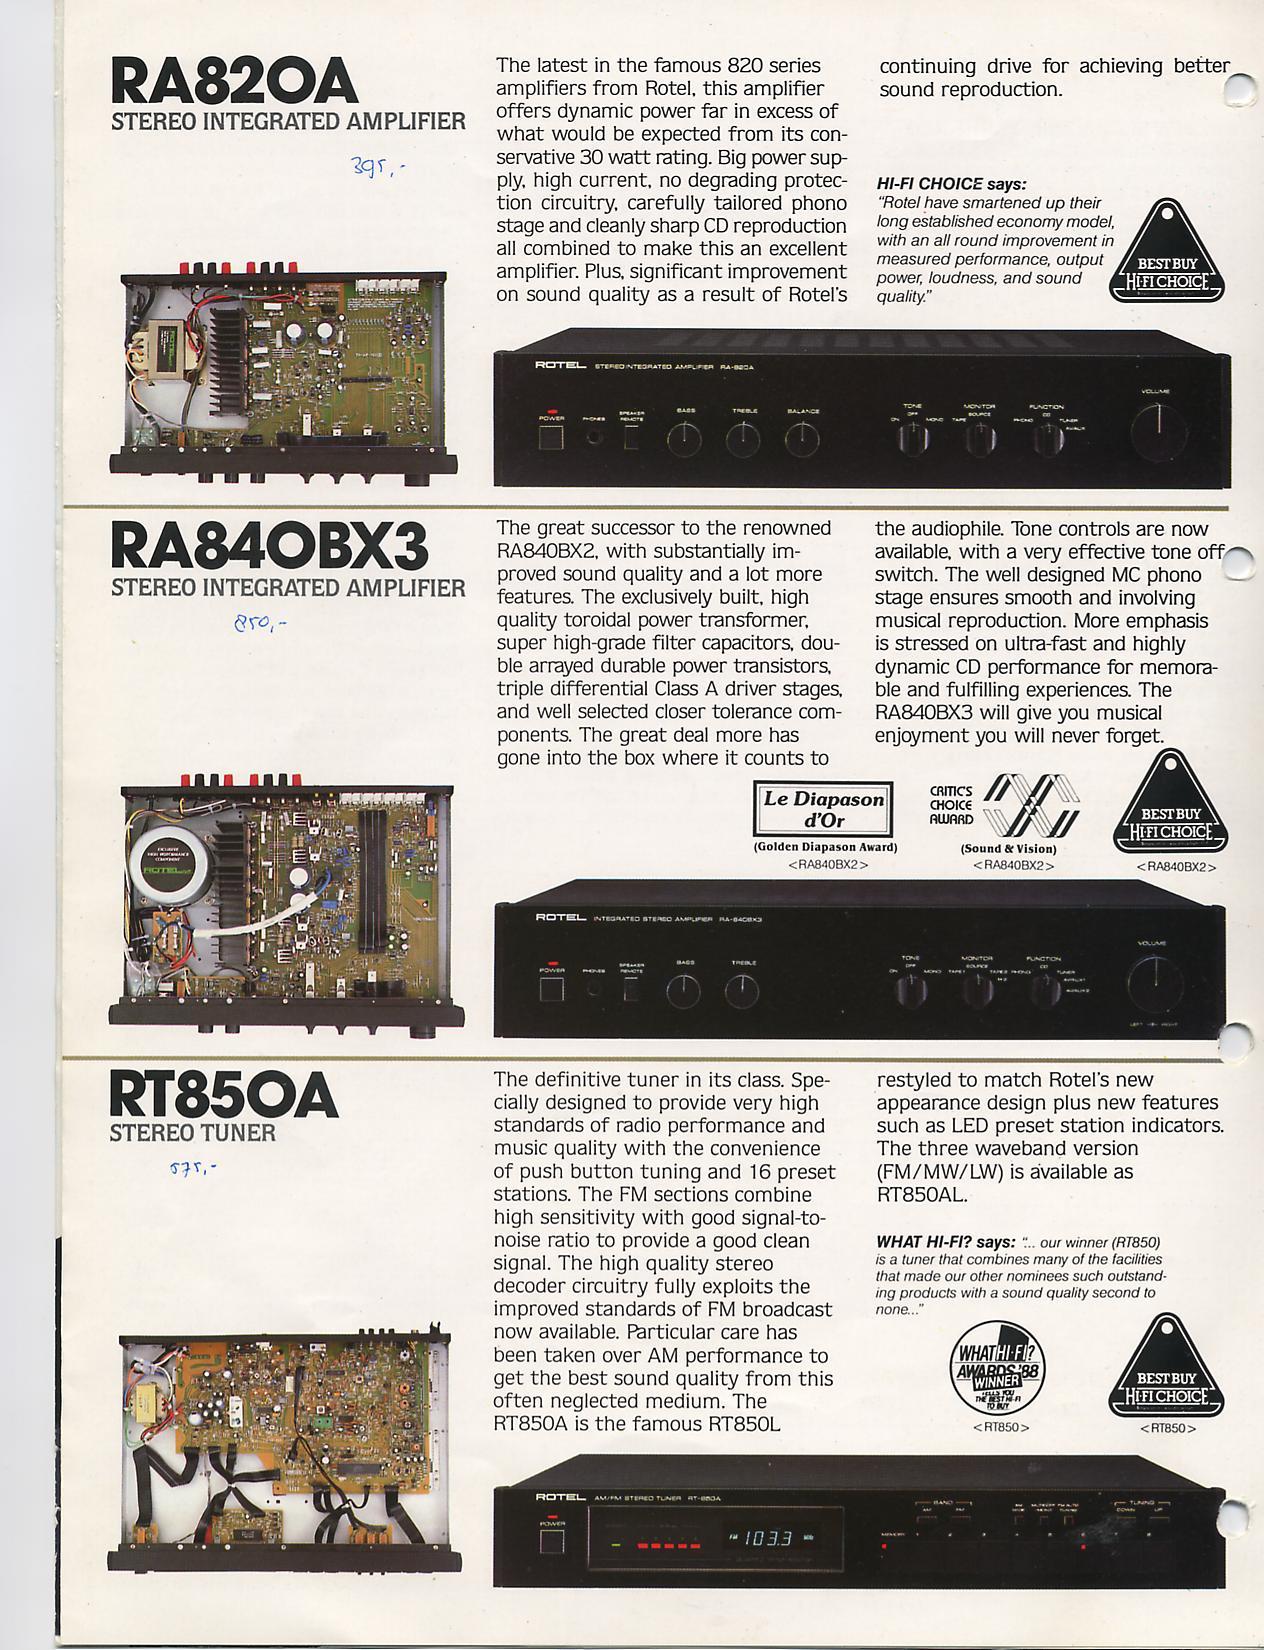 Que amplificador comprar? Ra820